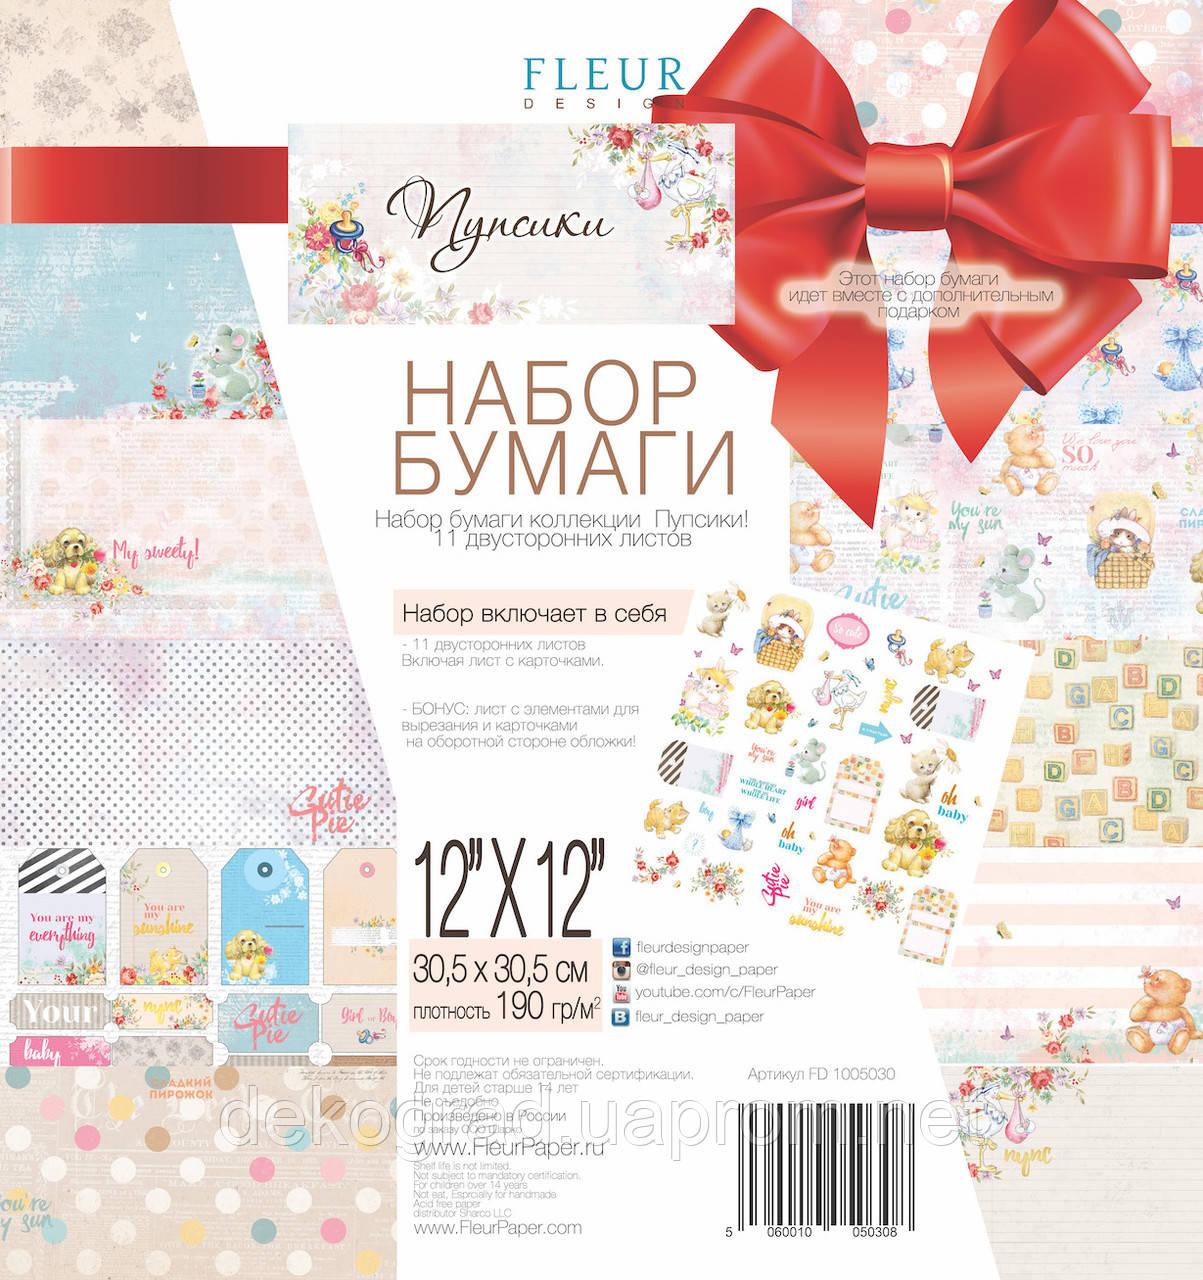 """Набор бумаги """"Пупсики"""" 30,5х30,5 подарочный, 11 двусторонних листов + Набор штампов"""